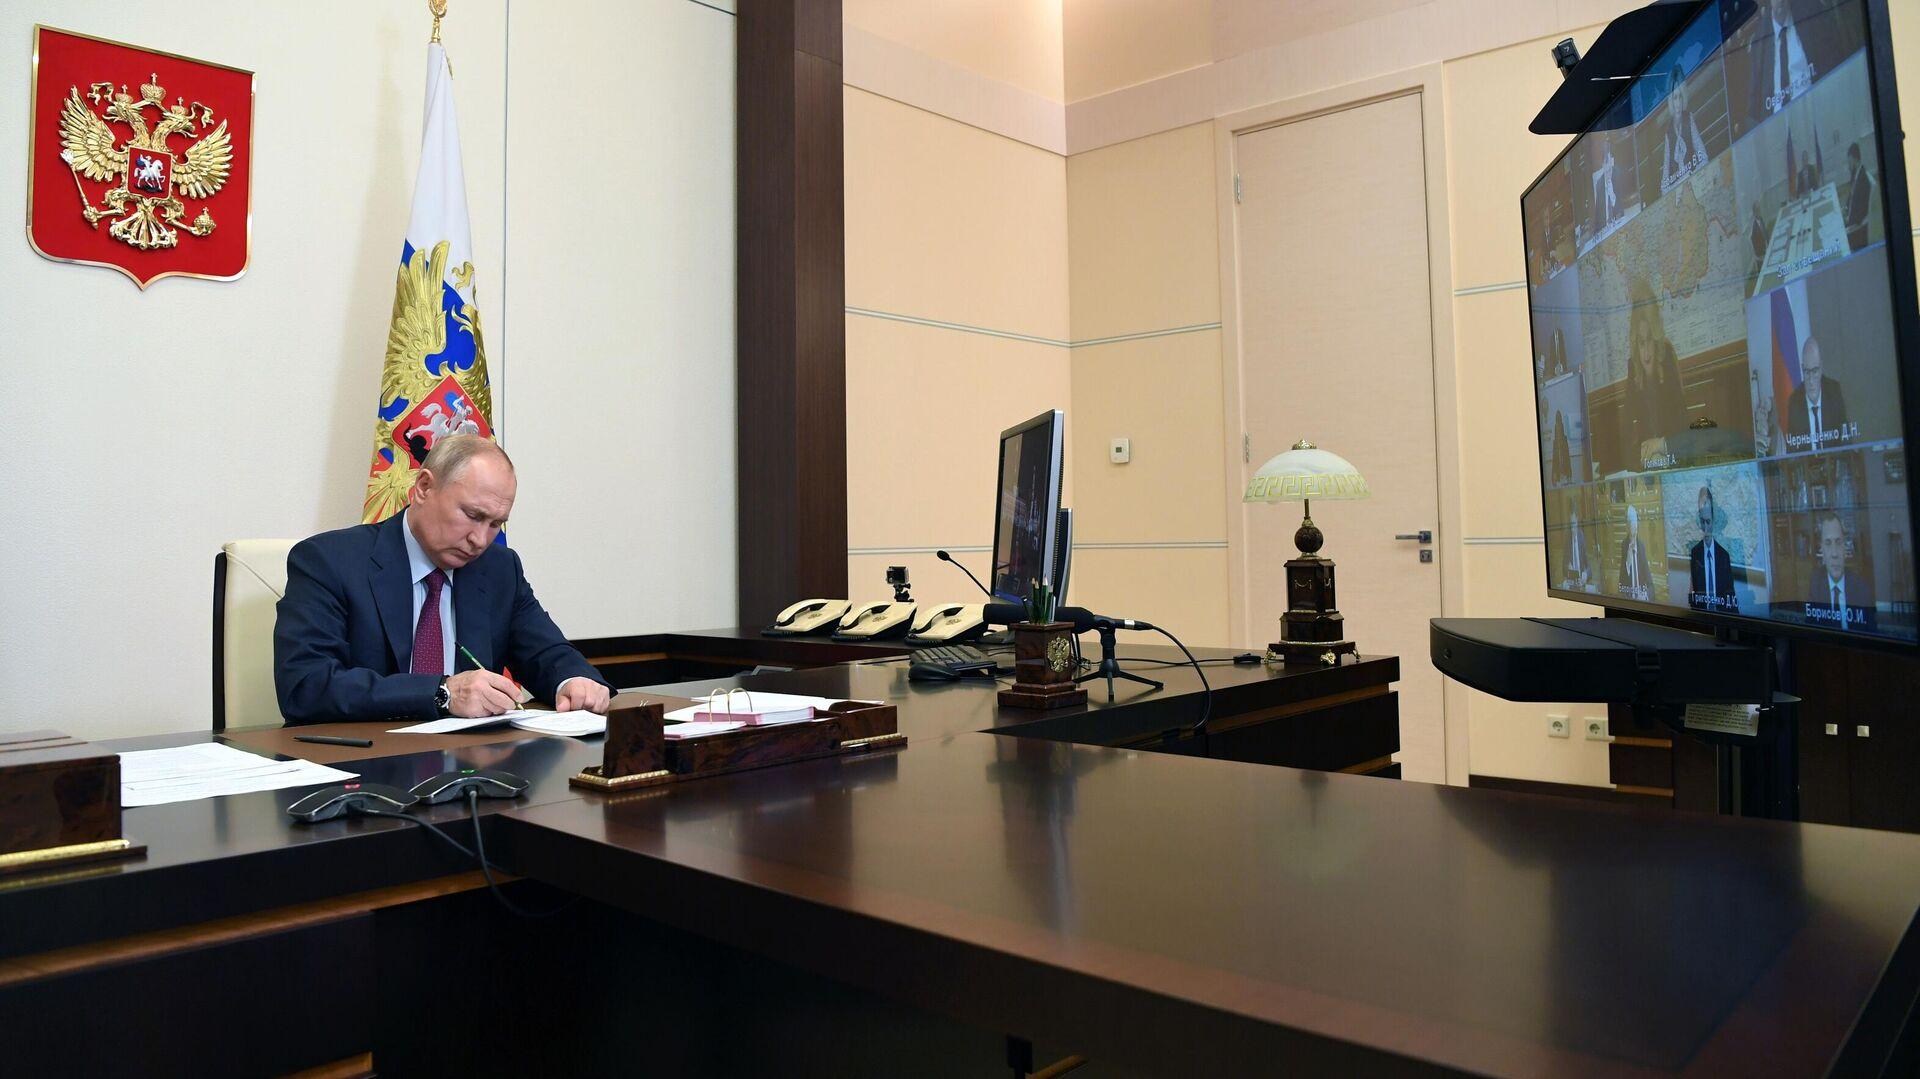 Президент РФ Владимир Путин проводит совещание с членами правительства РФ - РИА Новости, 1920, 18.11.2020